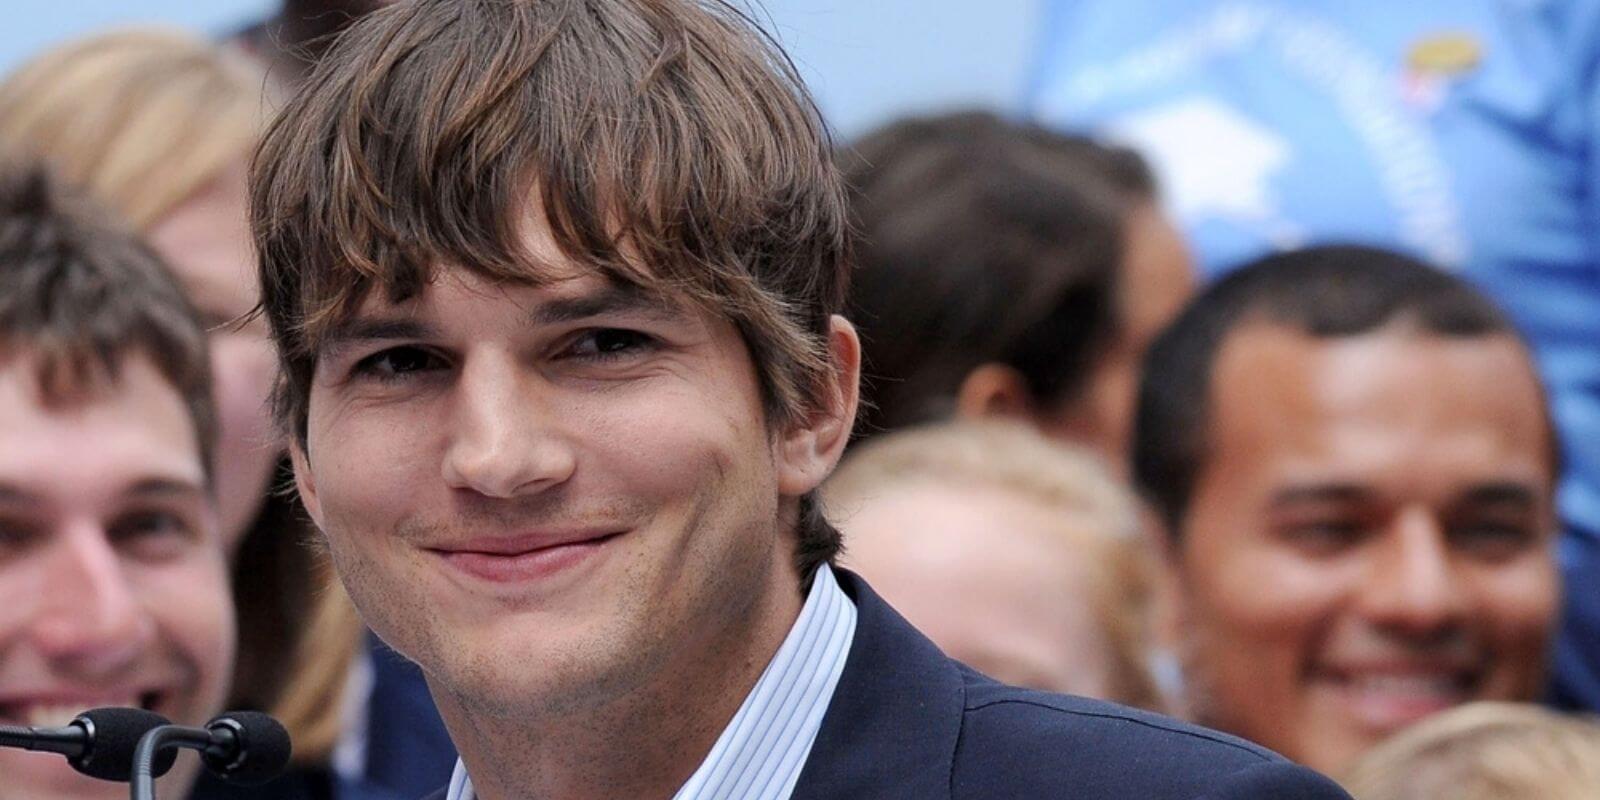 Ashton Kutcher et Michelle Phan investissent dans une startup de récompenses en BTC